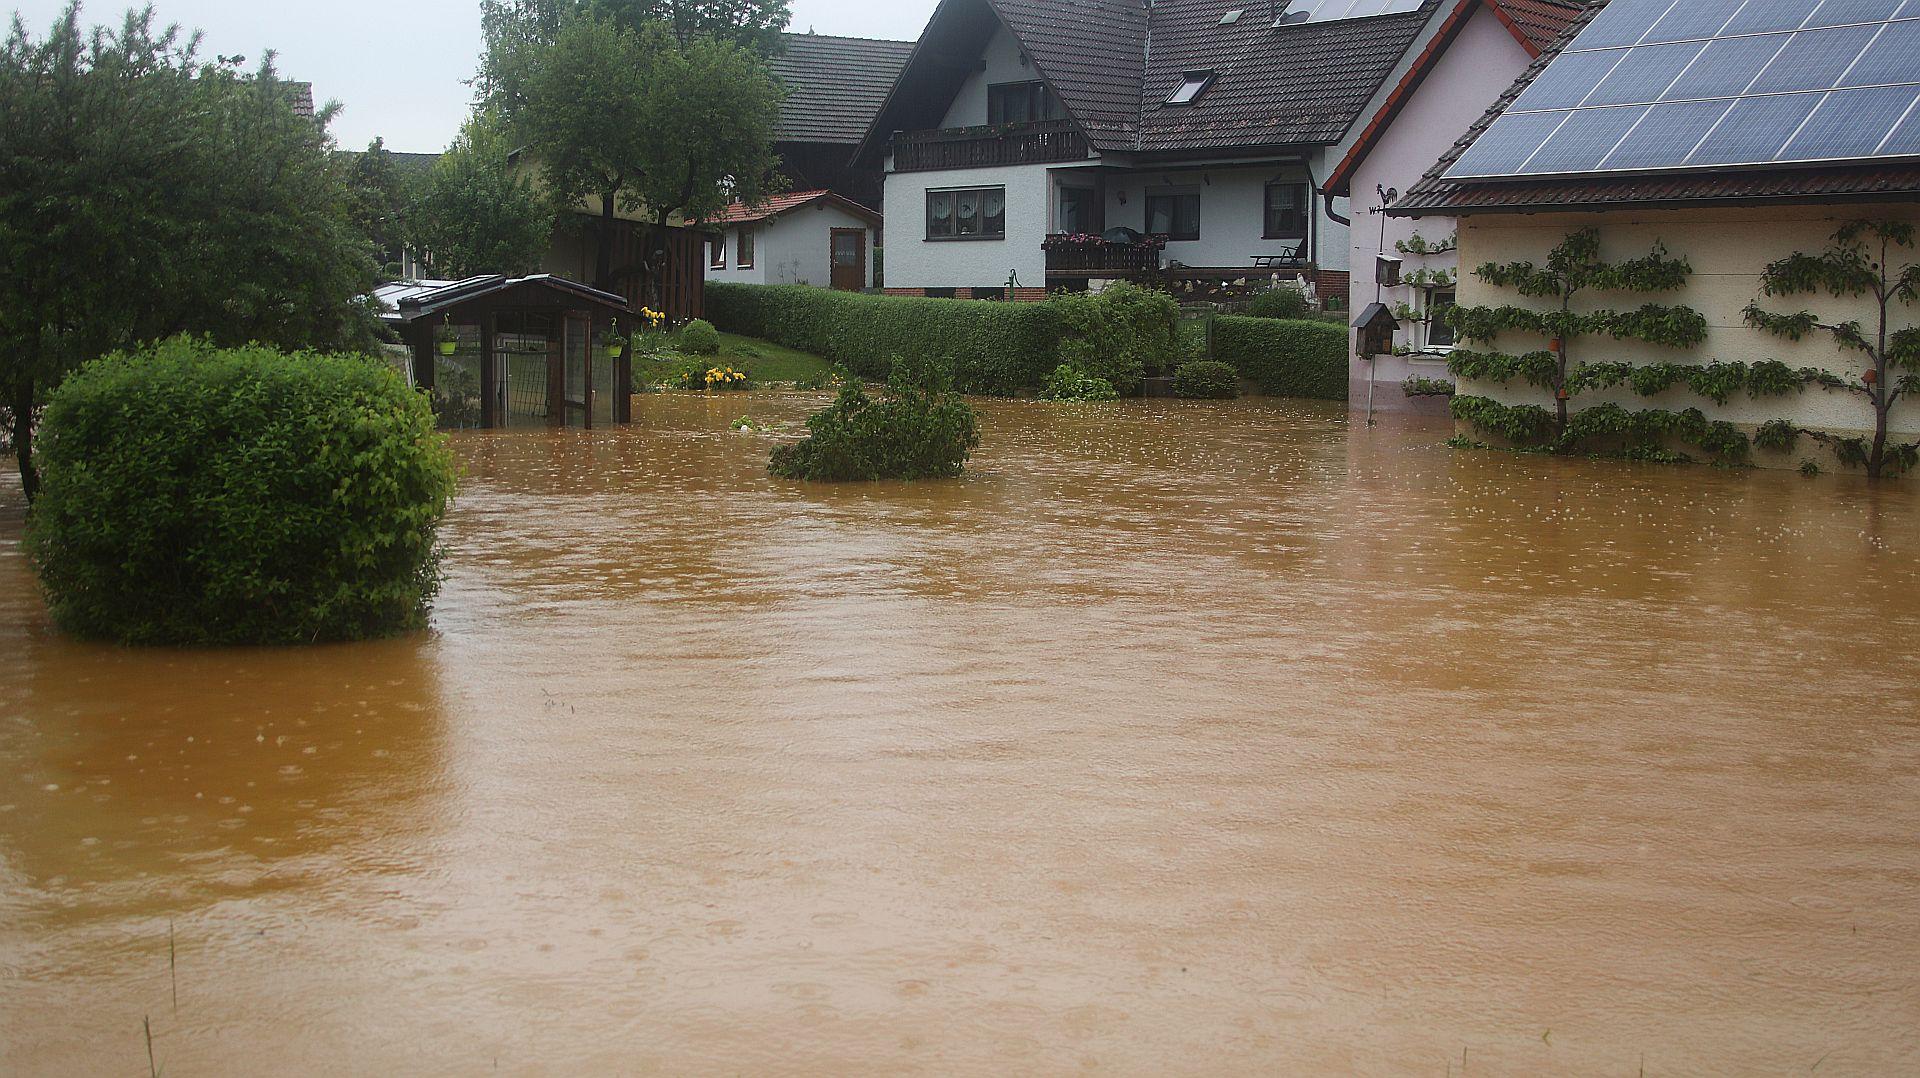 Starkregen führt zu mehreren überschwemmten Straßen und Verkehrsunfällen